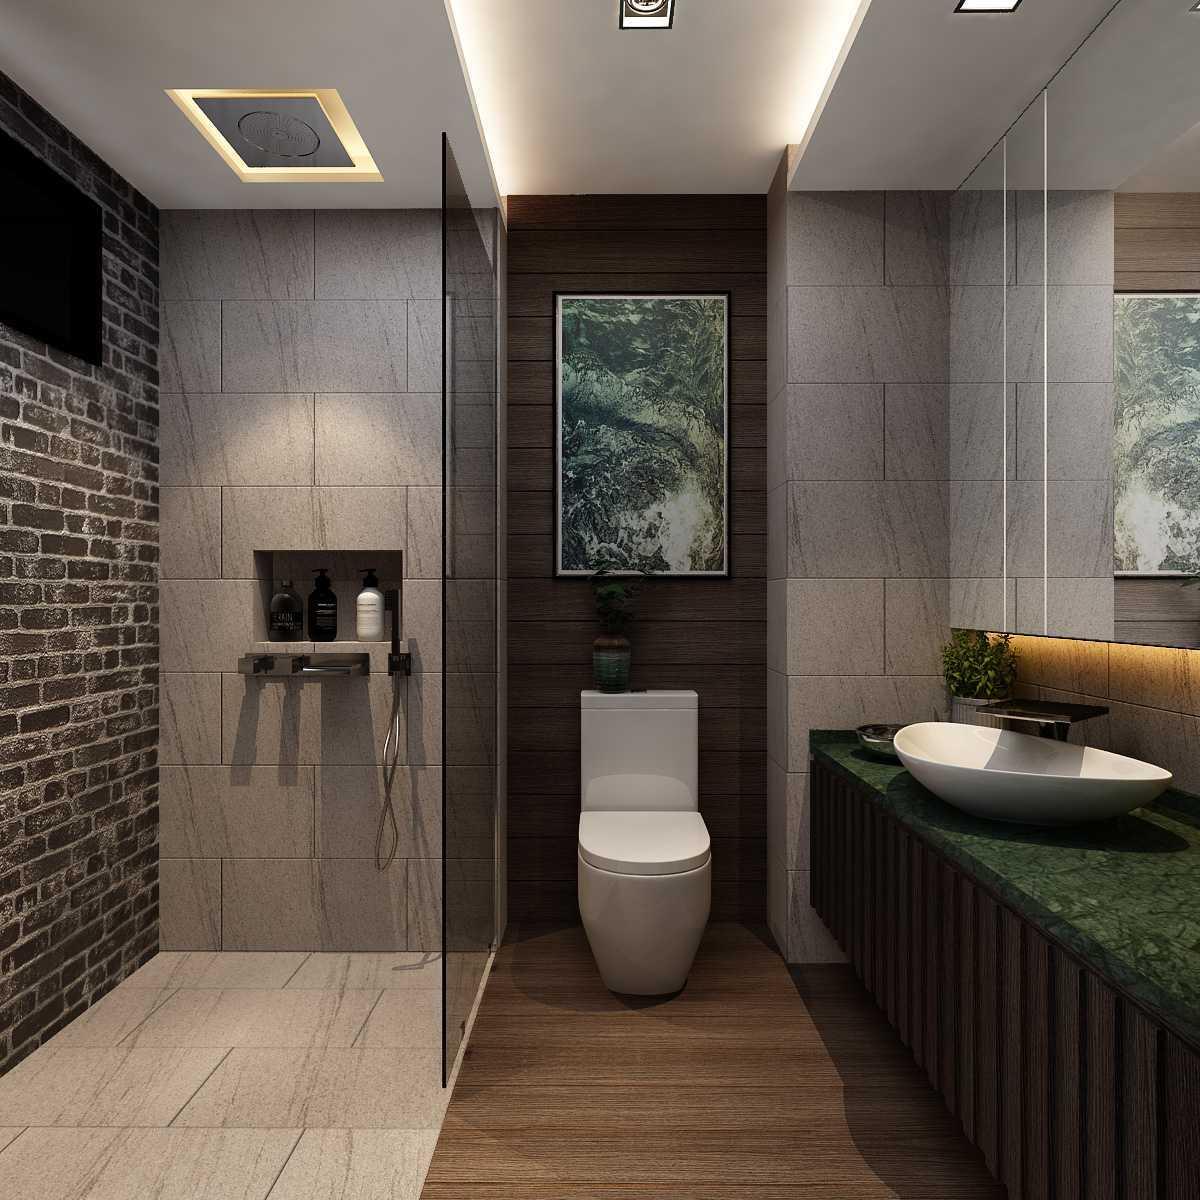 Foto inspirasi ide desain apartemen asian Moco-design-studio-c-apartment oleh Moco Design Studio di Arsitag